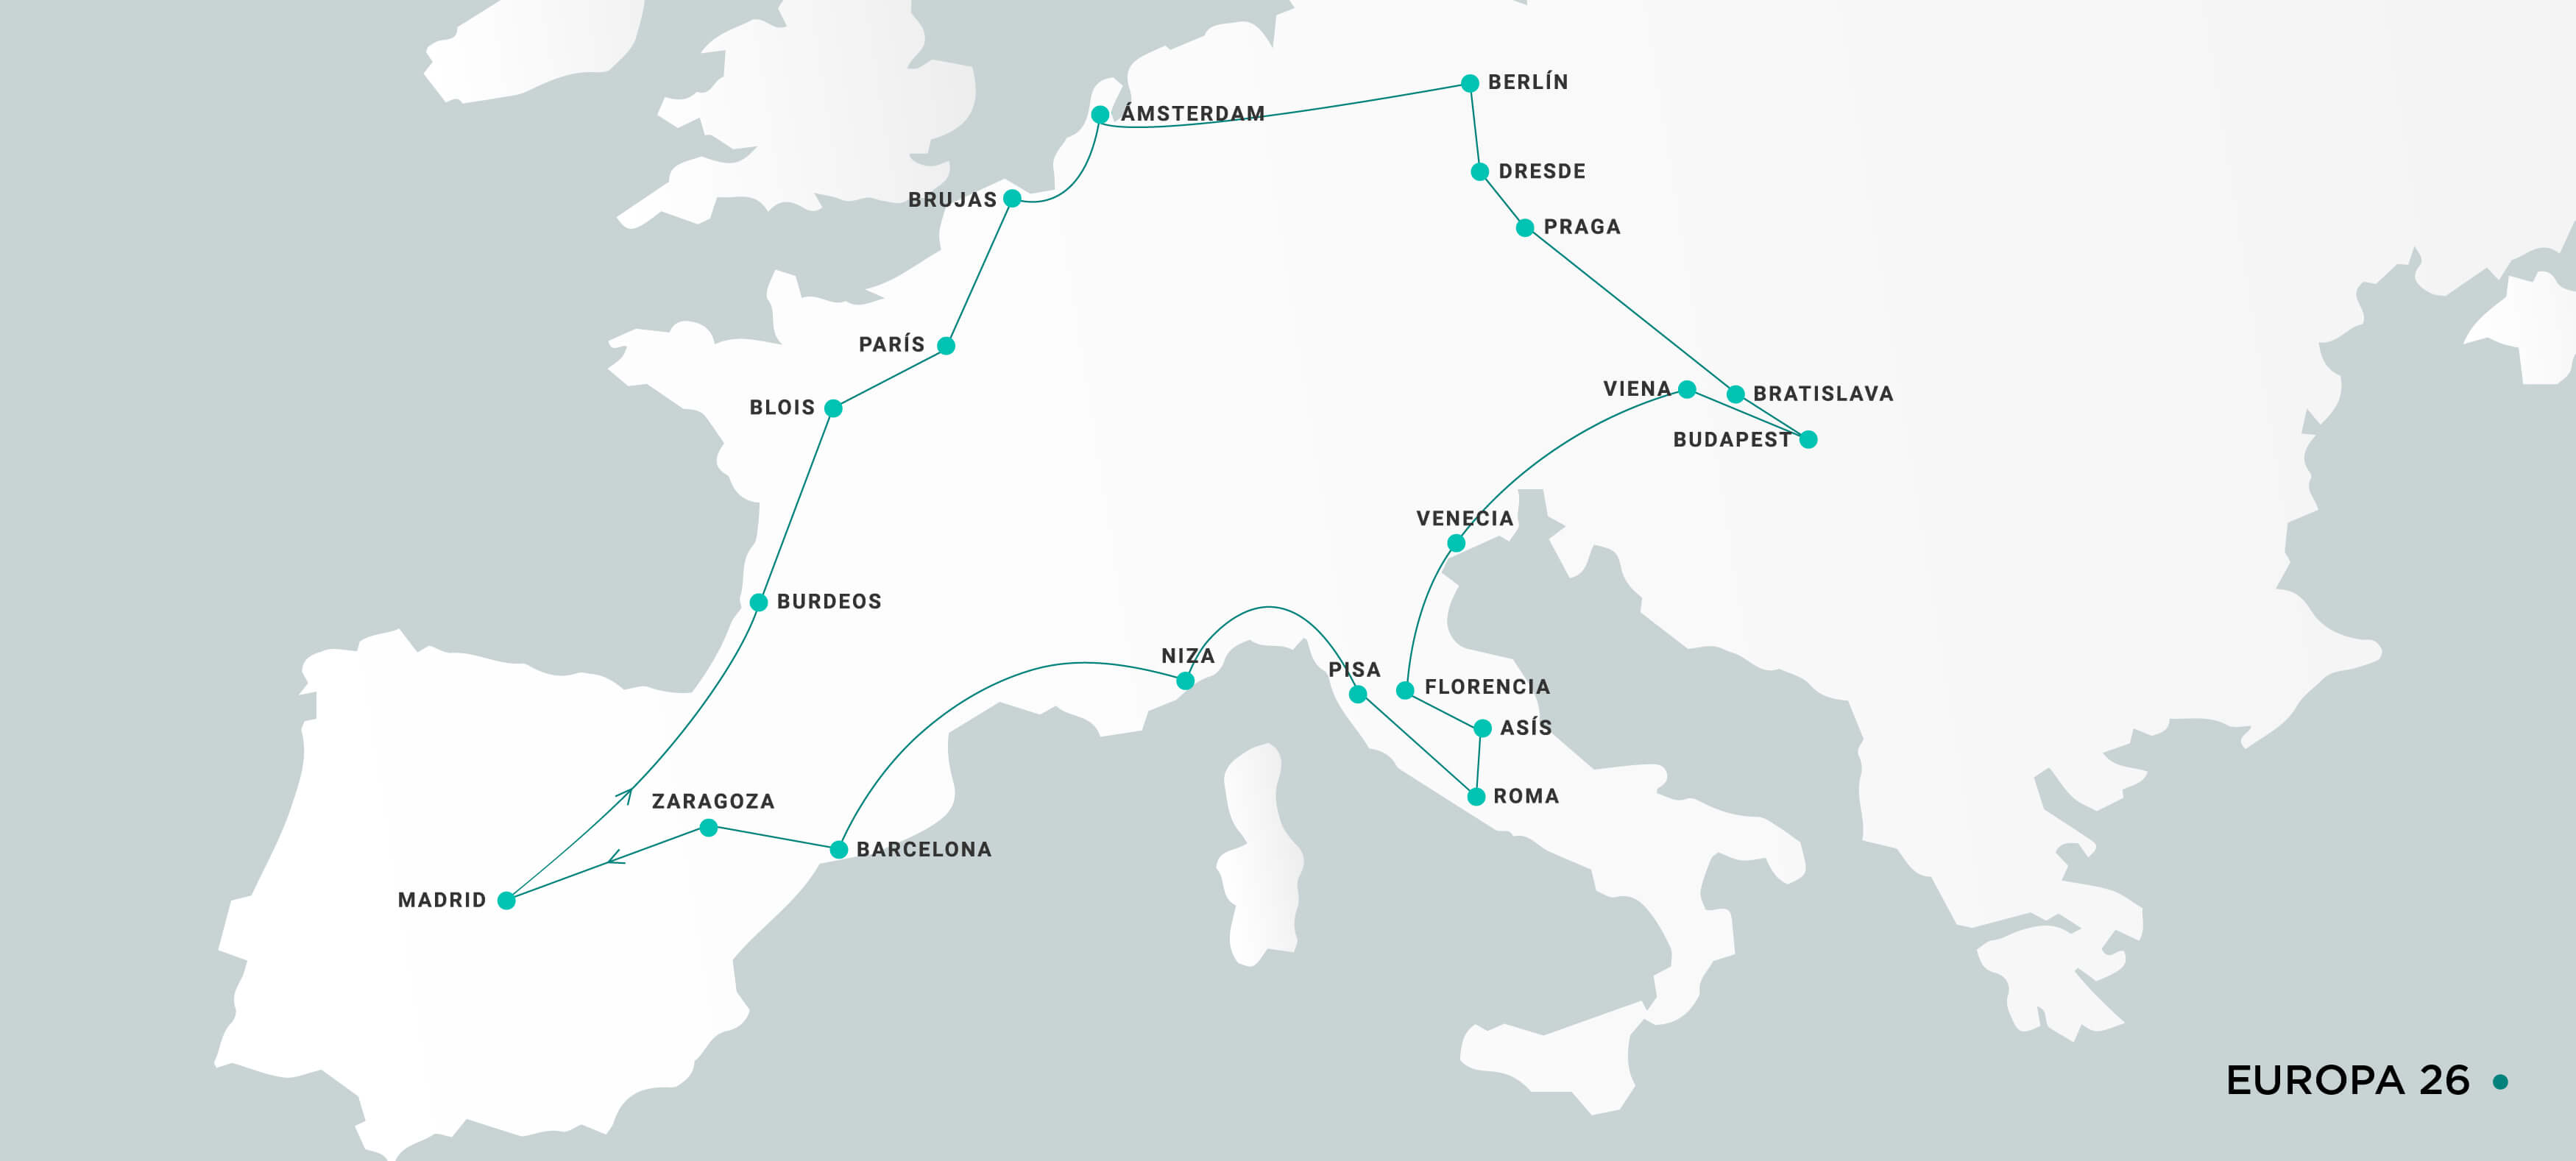 Mapa Europa26